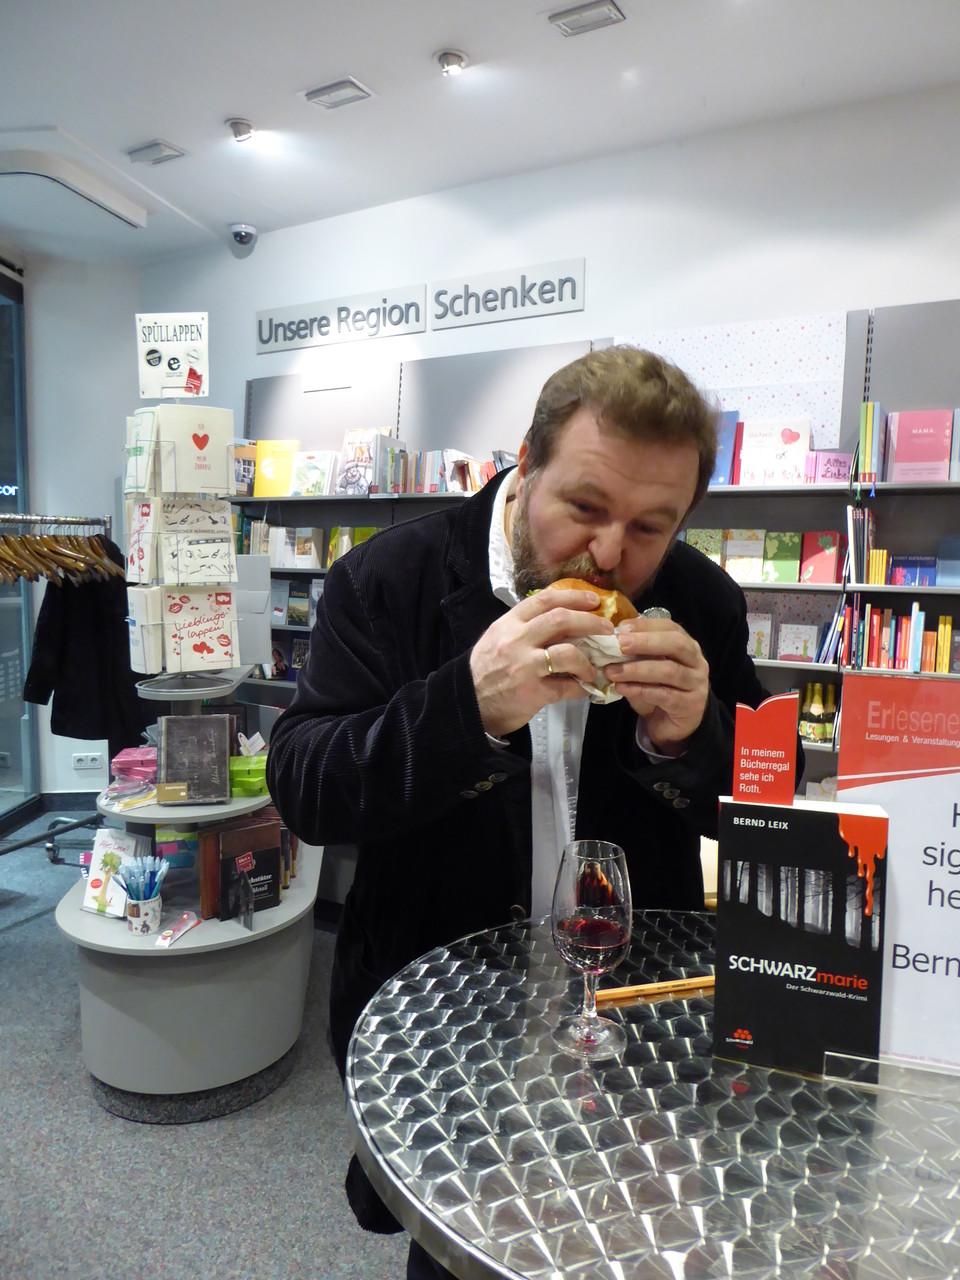 Der Autor beißt kräftig in den Burger von der BurgerMarie und ist hellauf begeistert von dem Geschmack.